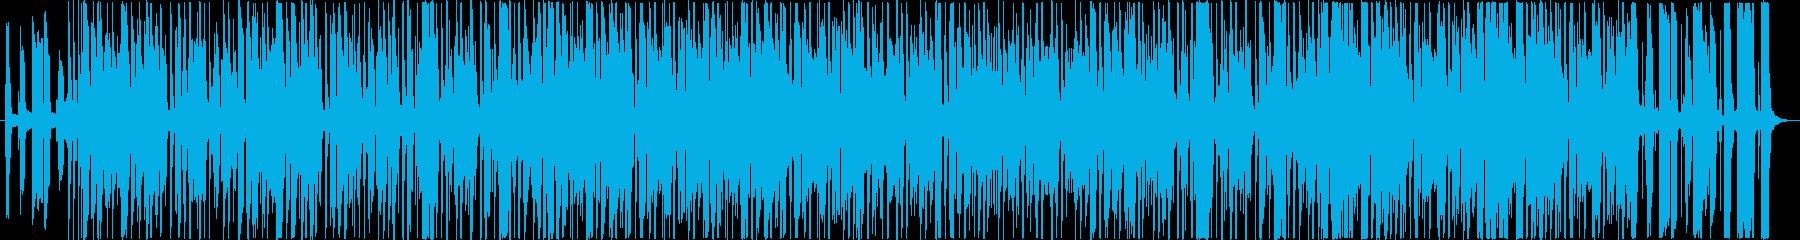 70年代のクラシックなジャズファンクの再生済みの波形